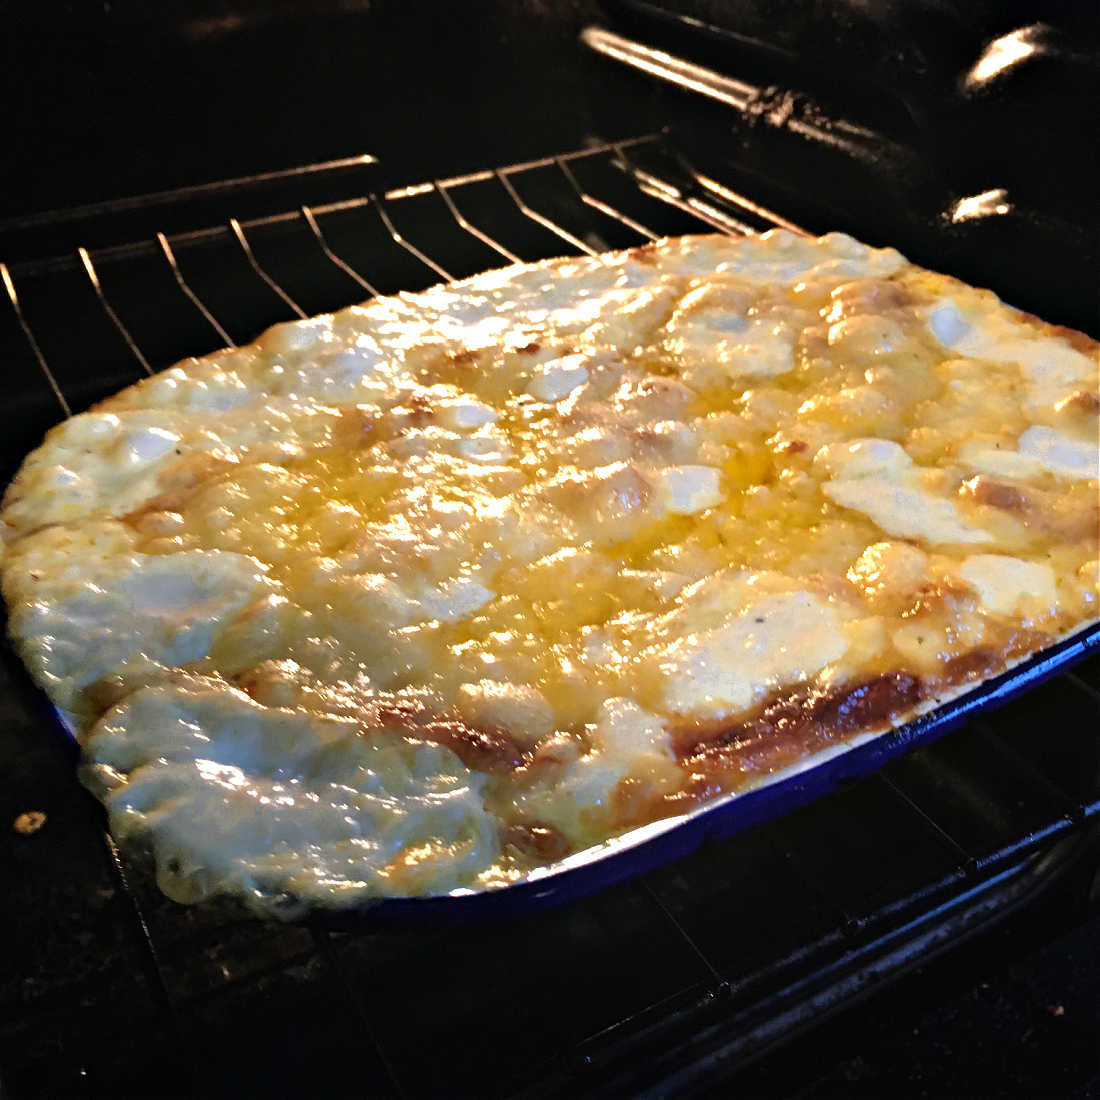 baking-in-oven